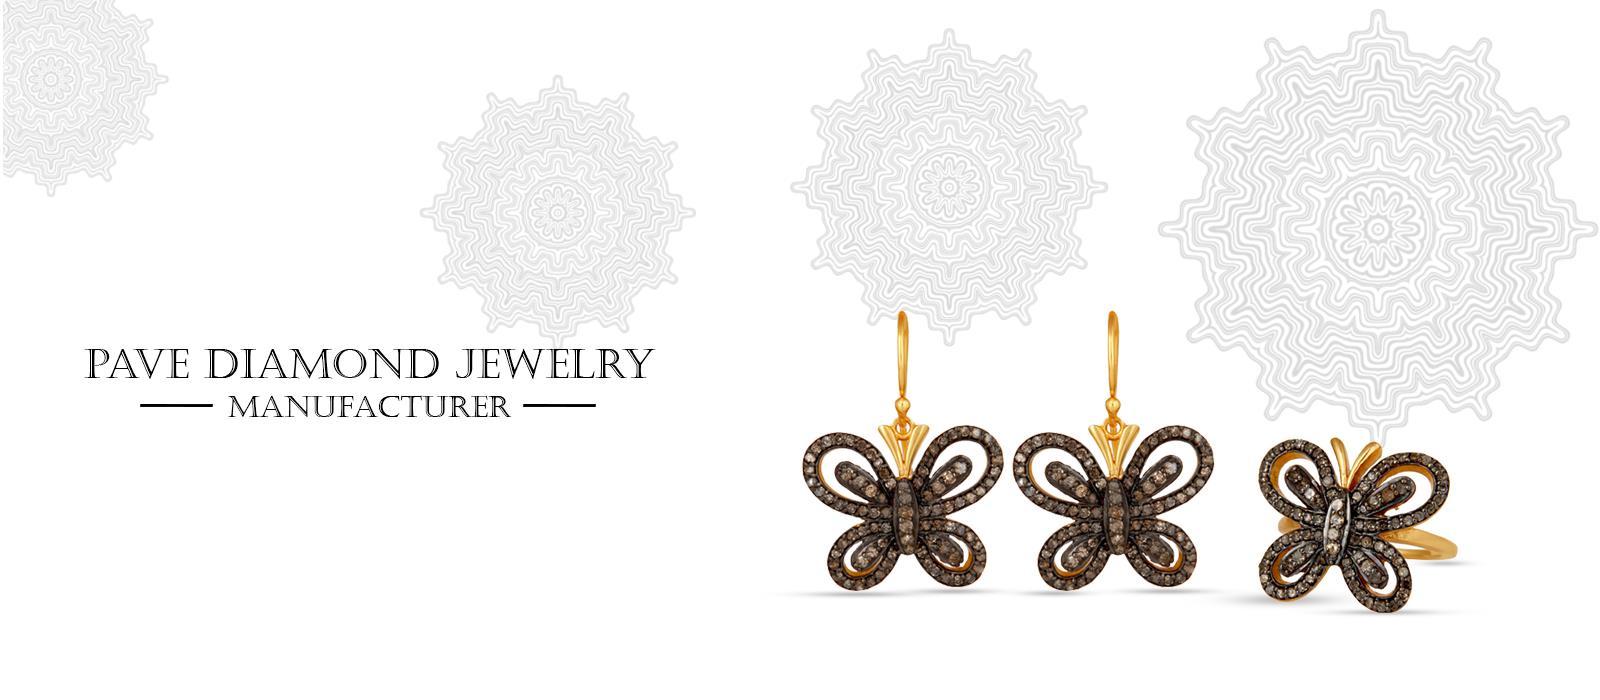 pave diamond jewelry suppliers, pave diamond jewelry wholesale Jaipur, pave diamond Jewelry supplier from india, handmade pave diamond jewelry manufacturers, custom pave diamond jewelry manufacturers, personalized diamond jewelry manufacturers